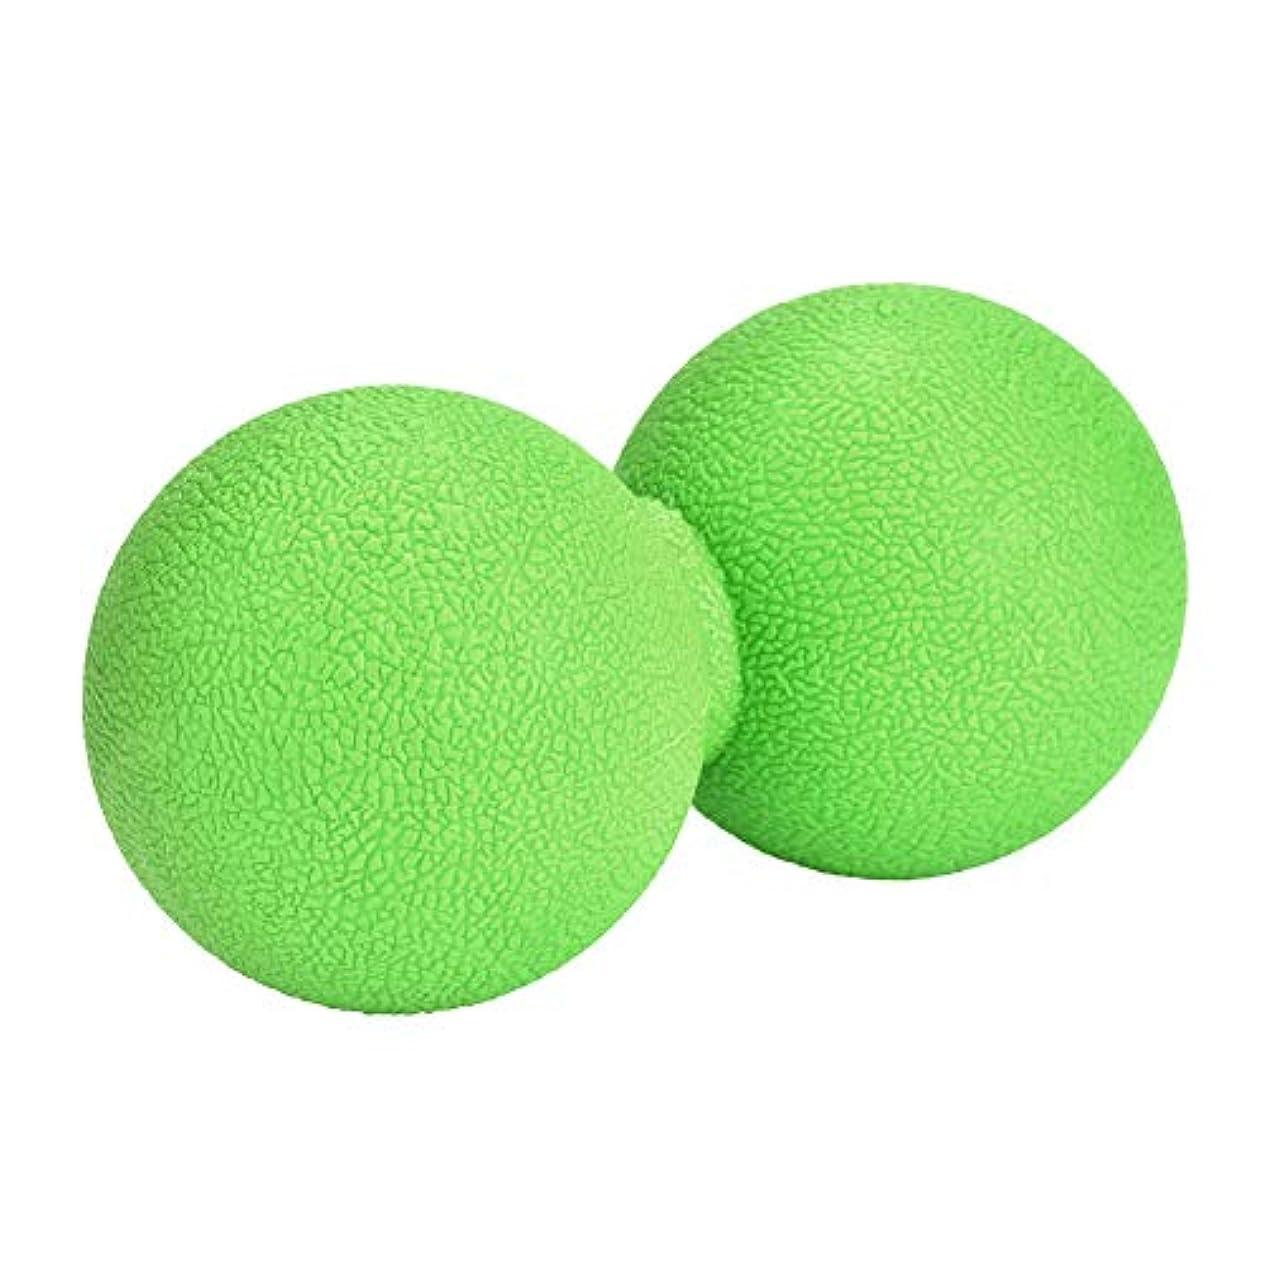 とても多くの愛する取り替えるマッサージボール ストレッチボール ピーナッツ型 ヨガボール 首 背中 肩こり 腰 ふくらはぎ 足裏 筋膜リリース トレーニング